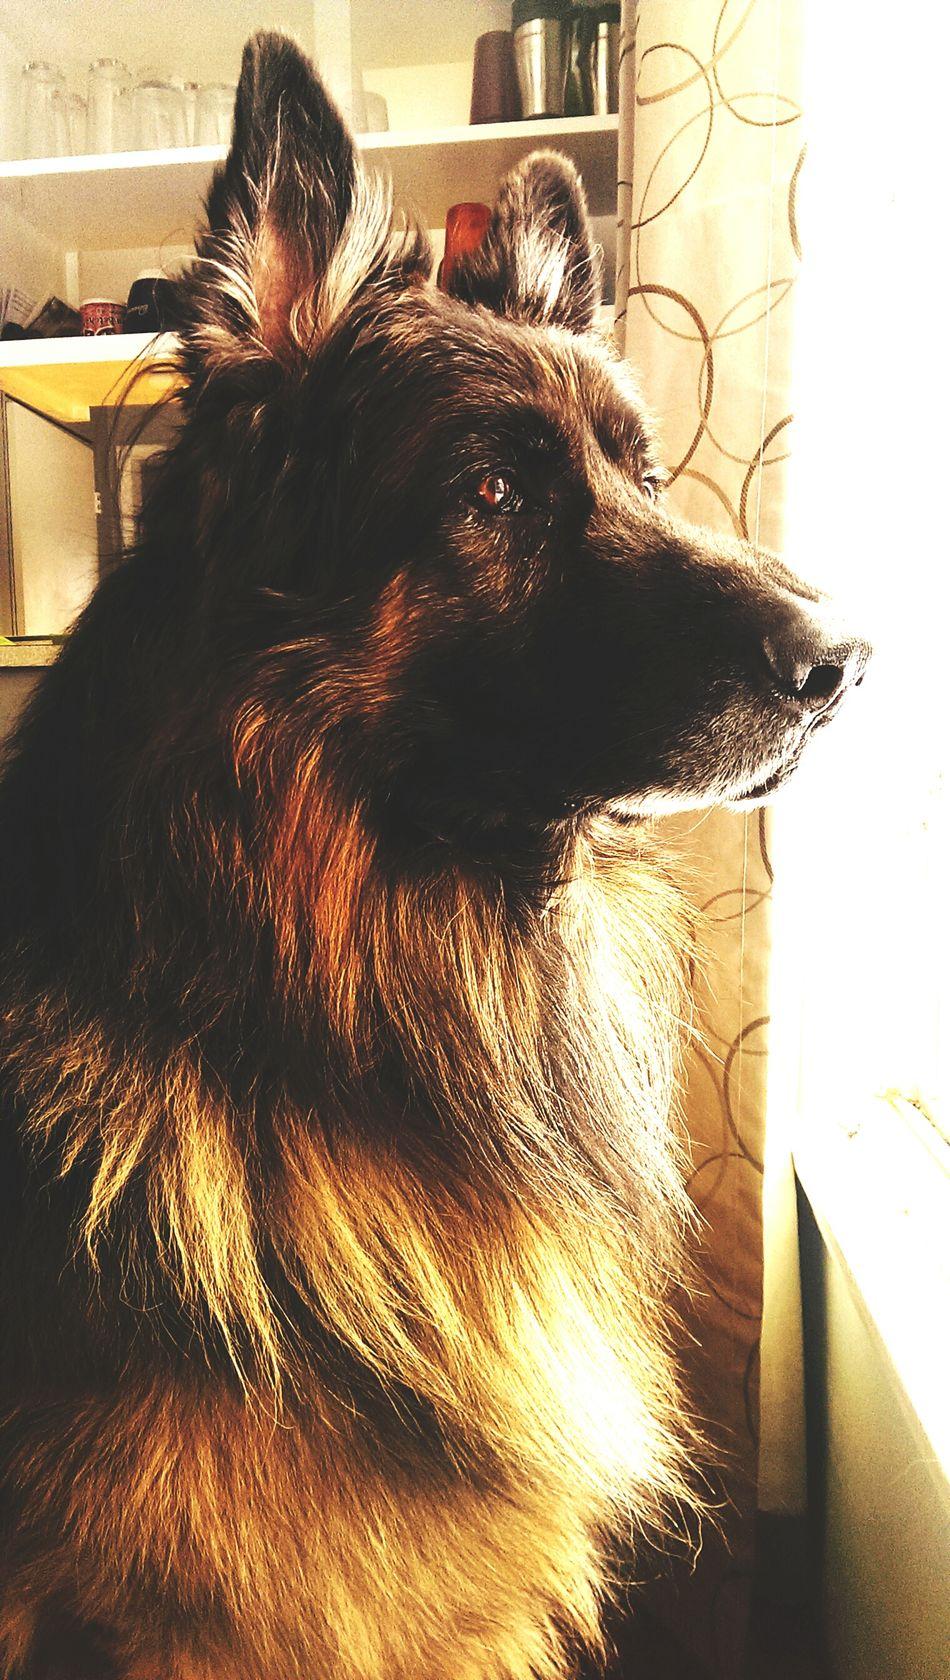 Pharaoh king shepherd KingOfKings Dog Keeping Watch Guard Dog Watchful Eyes Grandeur Fur Pets Gaze